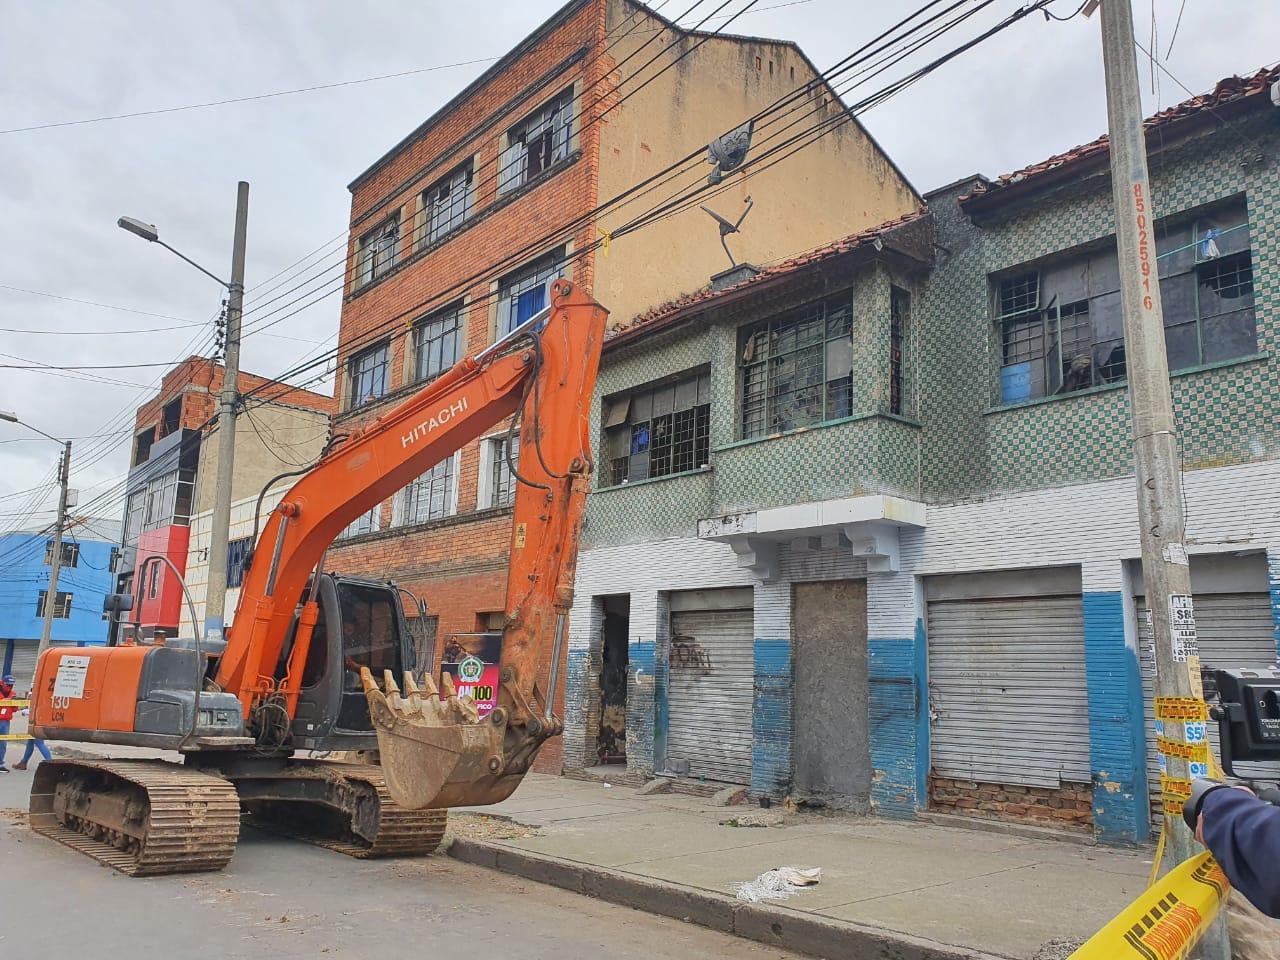 En este momento una máquina inicia la obra de demolición del predio - FOTO: Prensa Secretaría de Seguridad